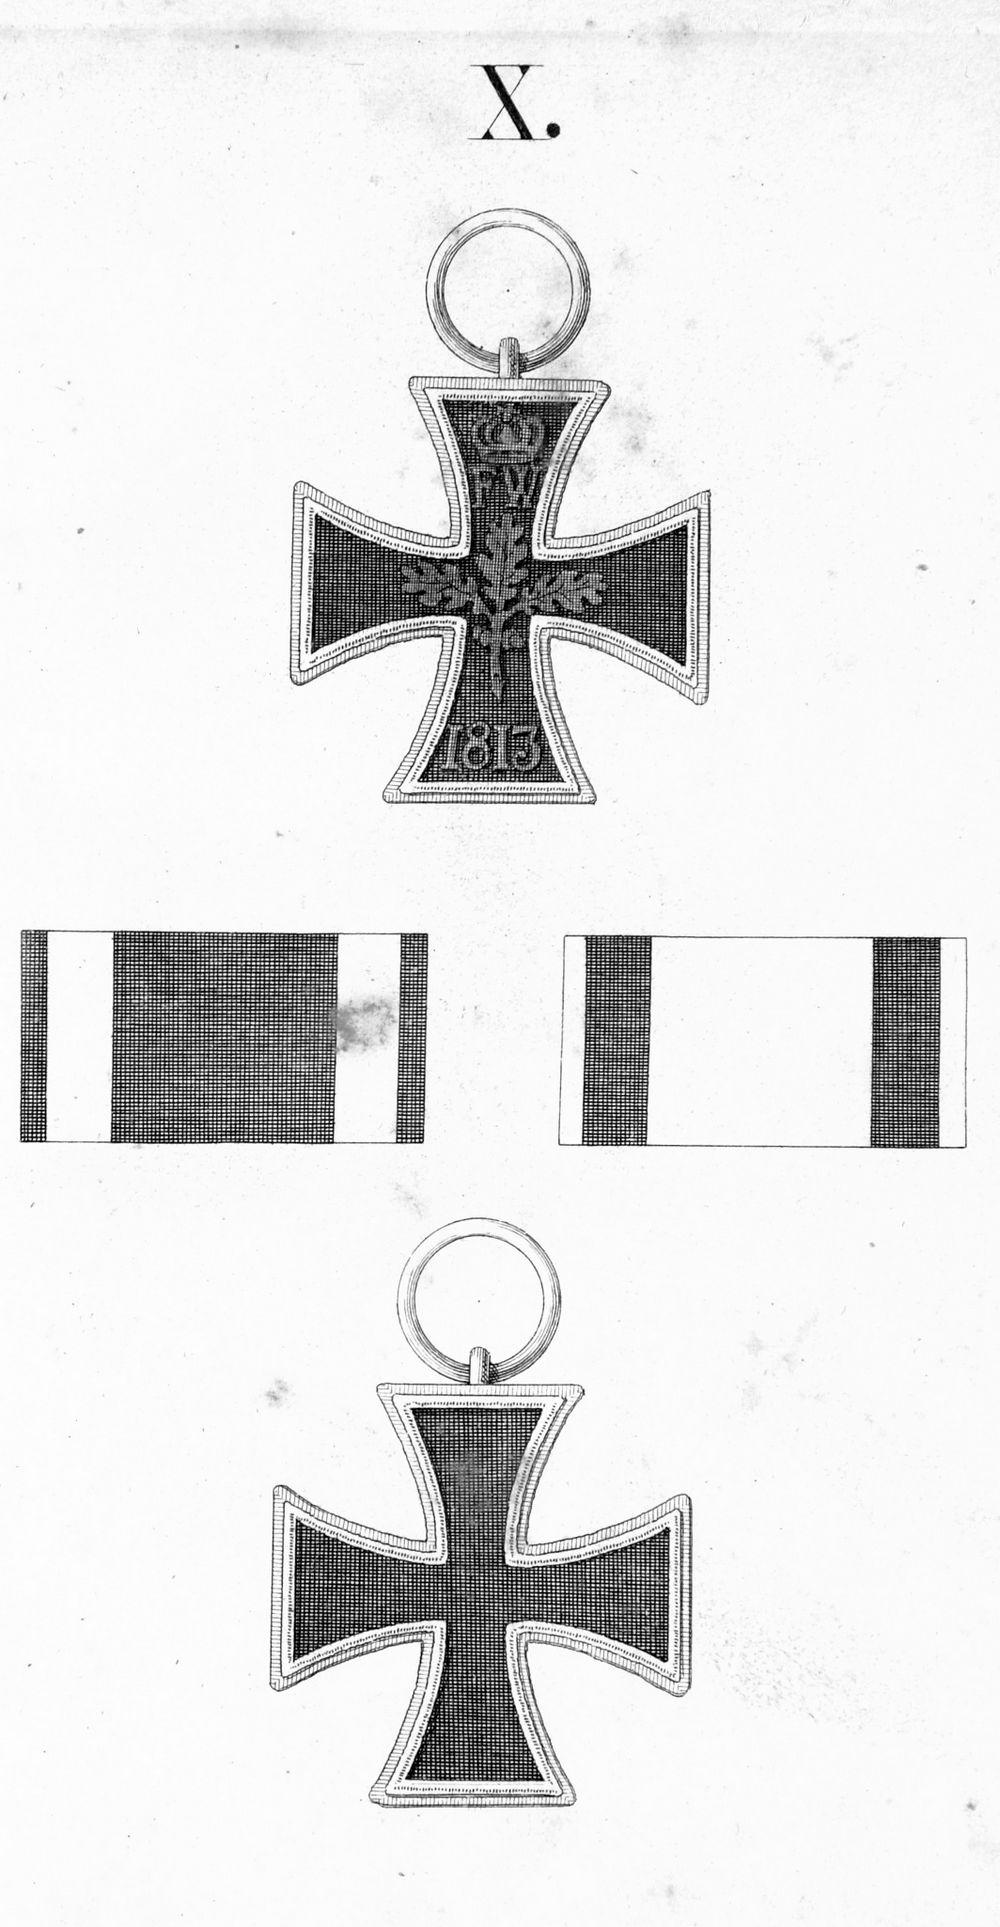 Abb. 23: EKII 1813 aus der Ordensliste 1817.